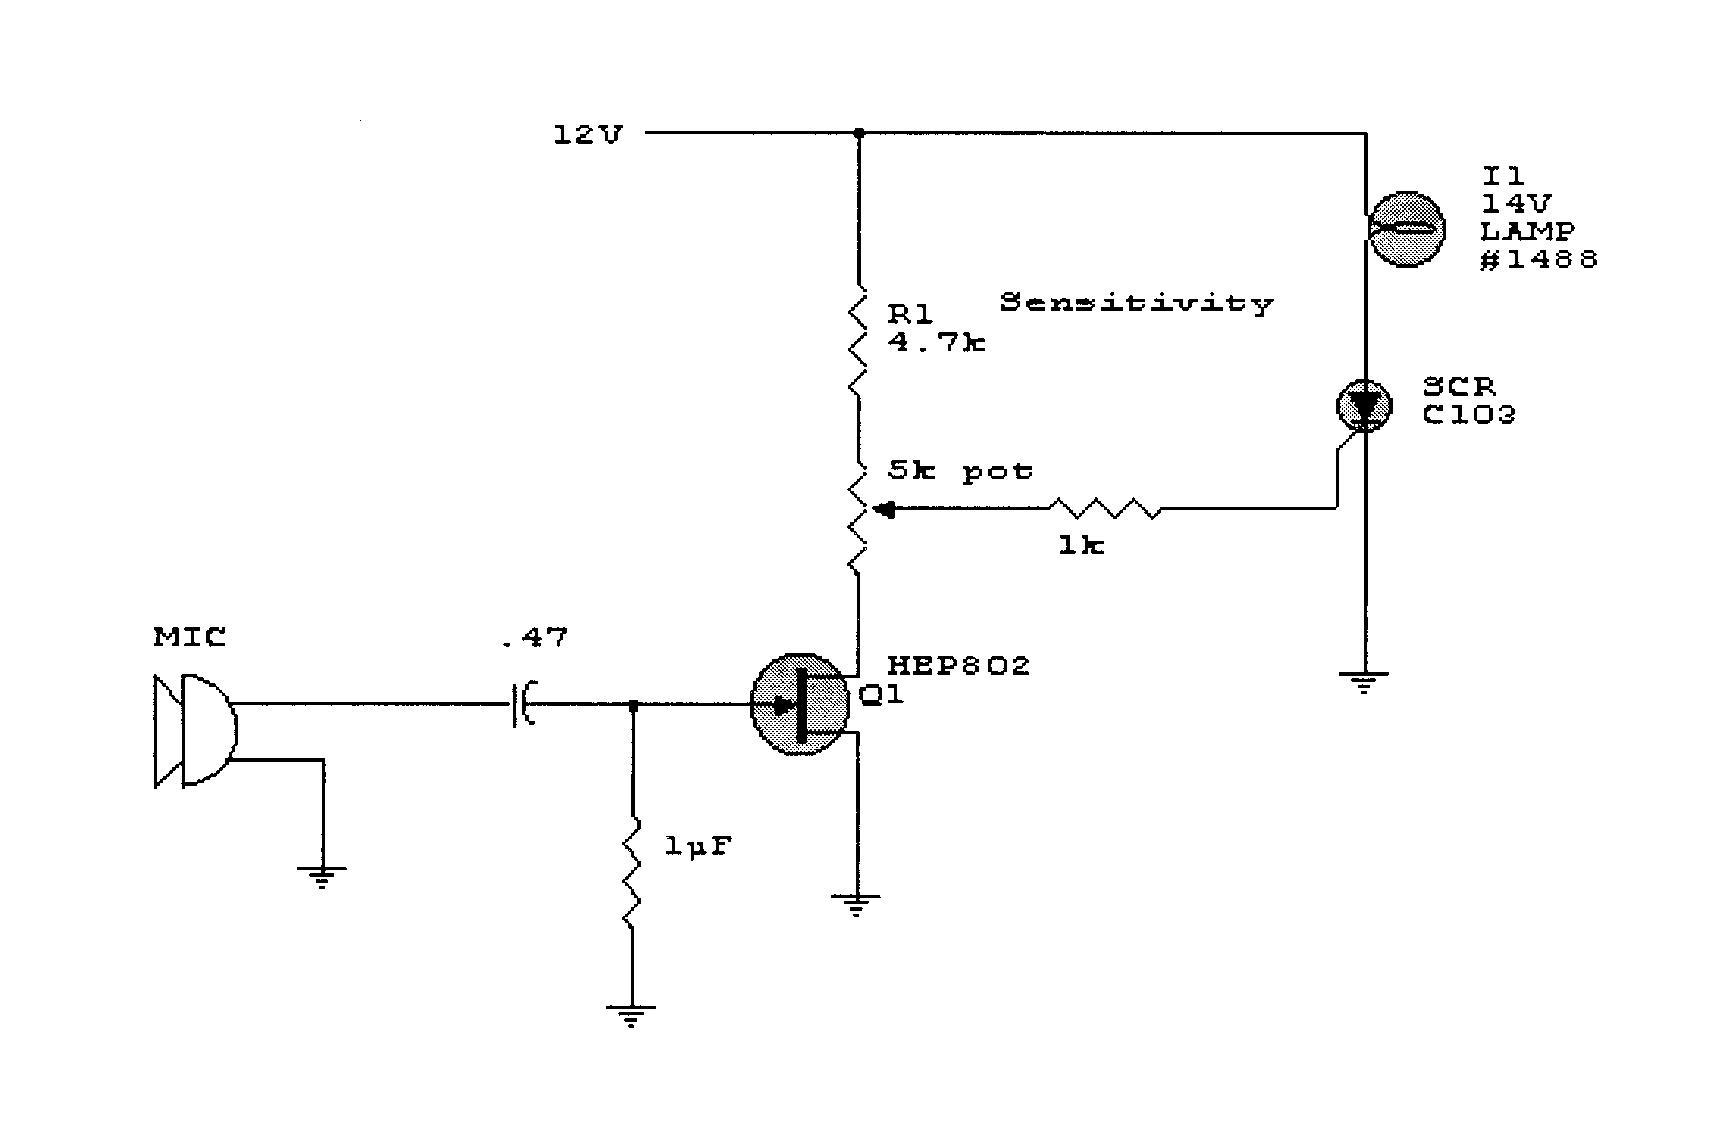 sound activated switch schematic rh craigsrobotics com sound activated switch schematic diagram sound activated switch schematic diagram